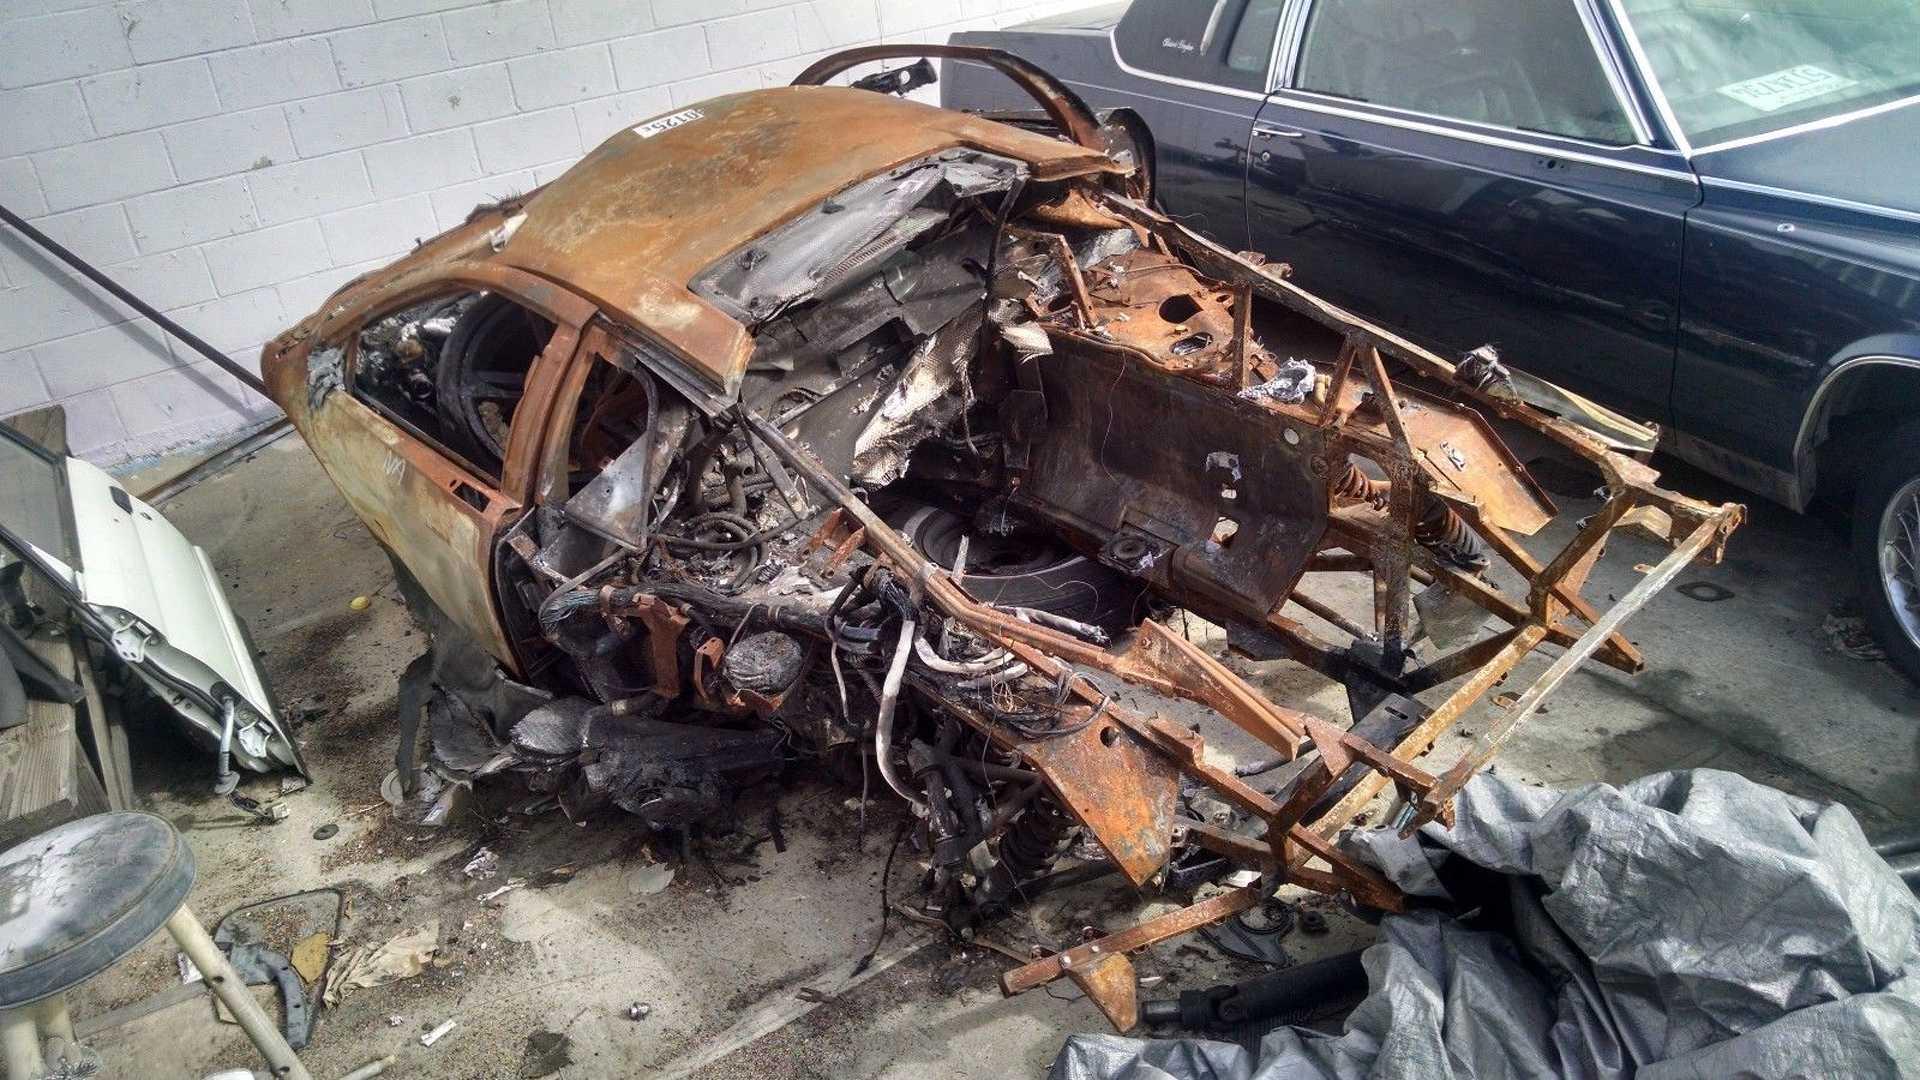 Lamborghini_Murcielago_destroyed_by_fire_06